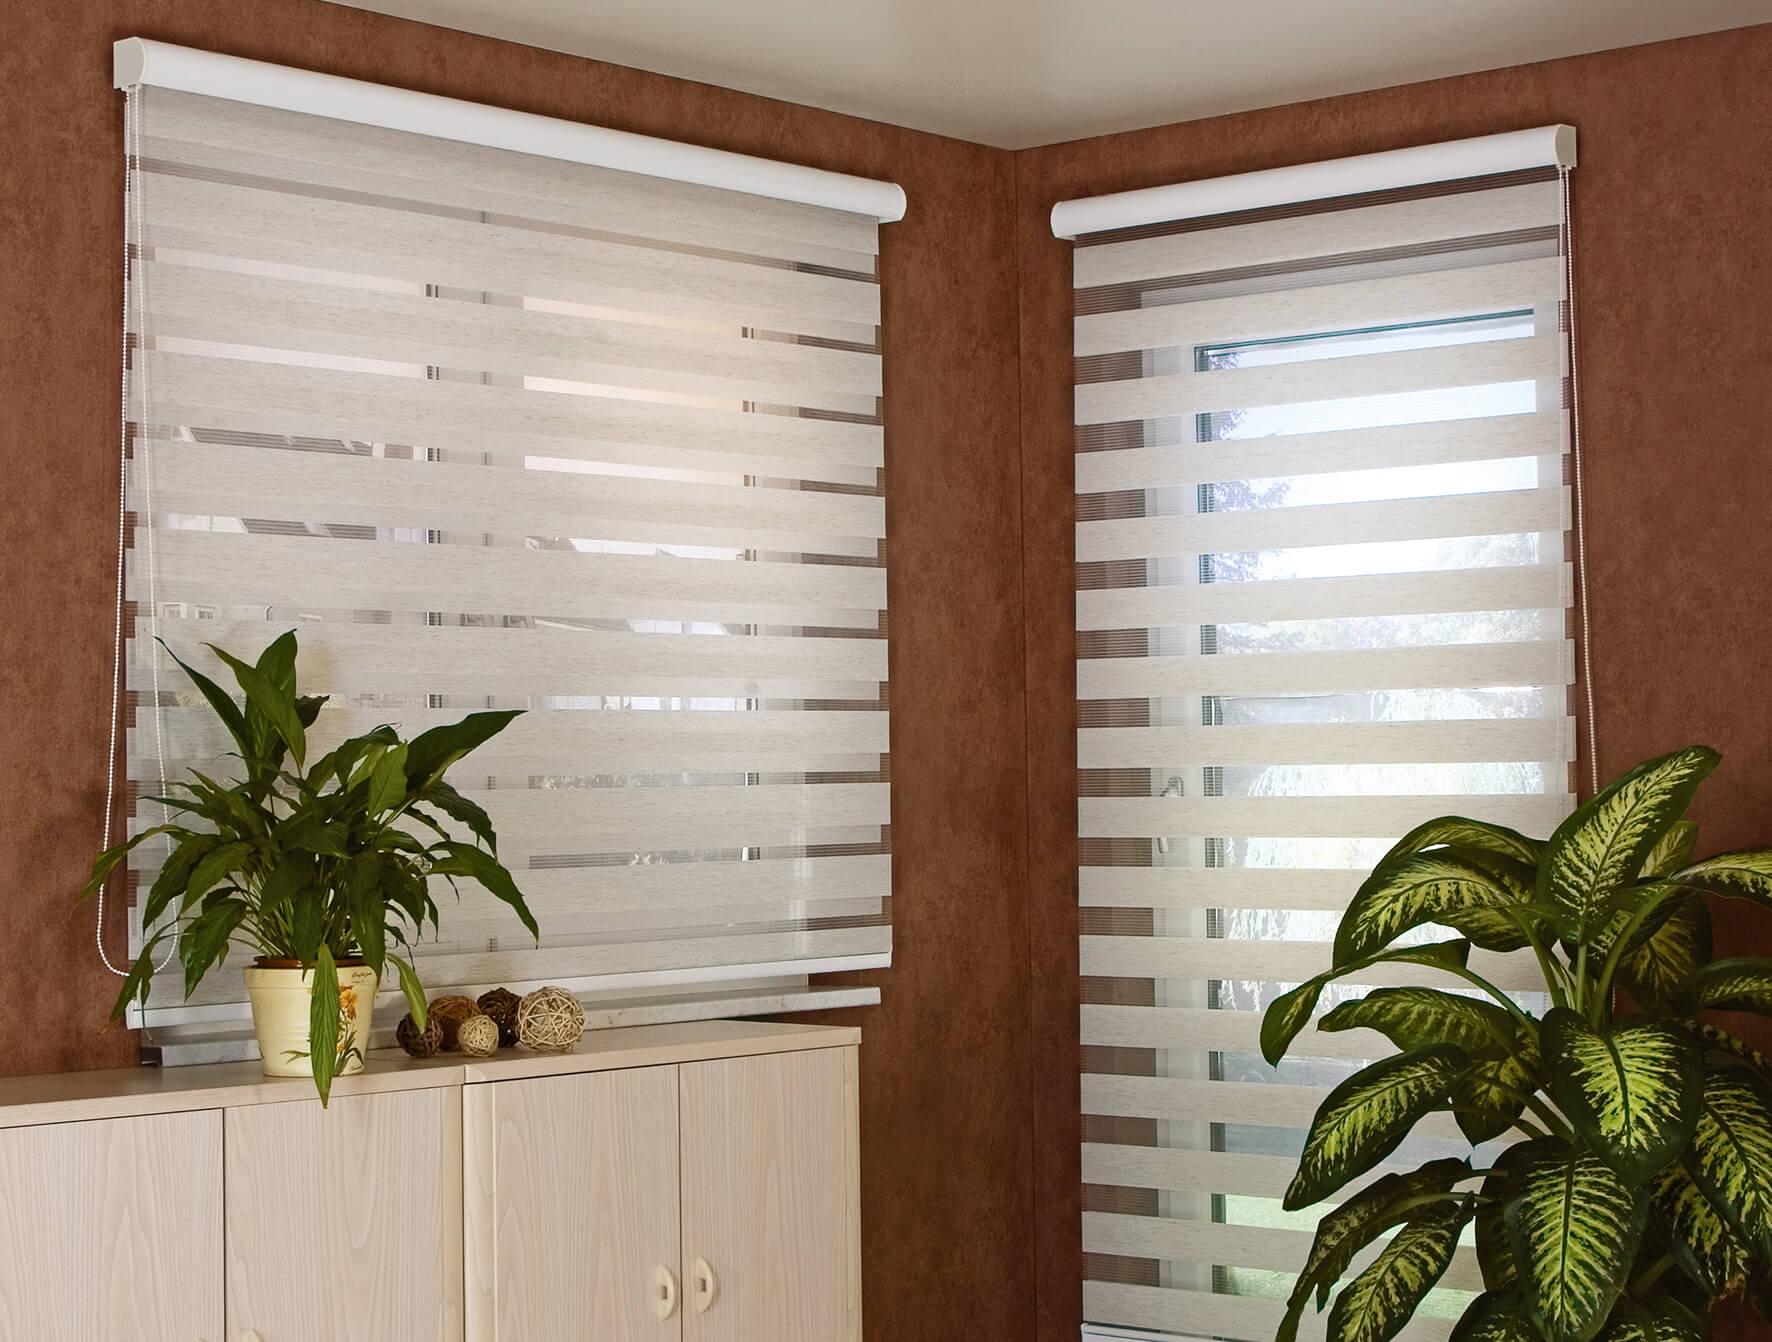 Doppelrollo Zebra Plissee Wohnzimmer Gardinen Weiß Silber Jalousie Fensterrollos